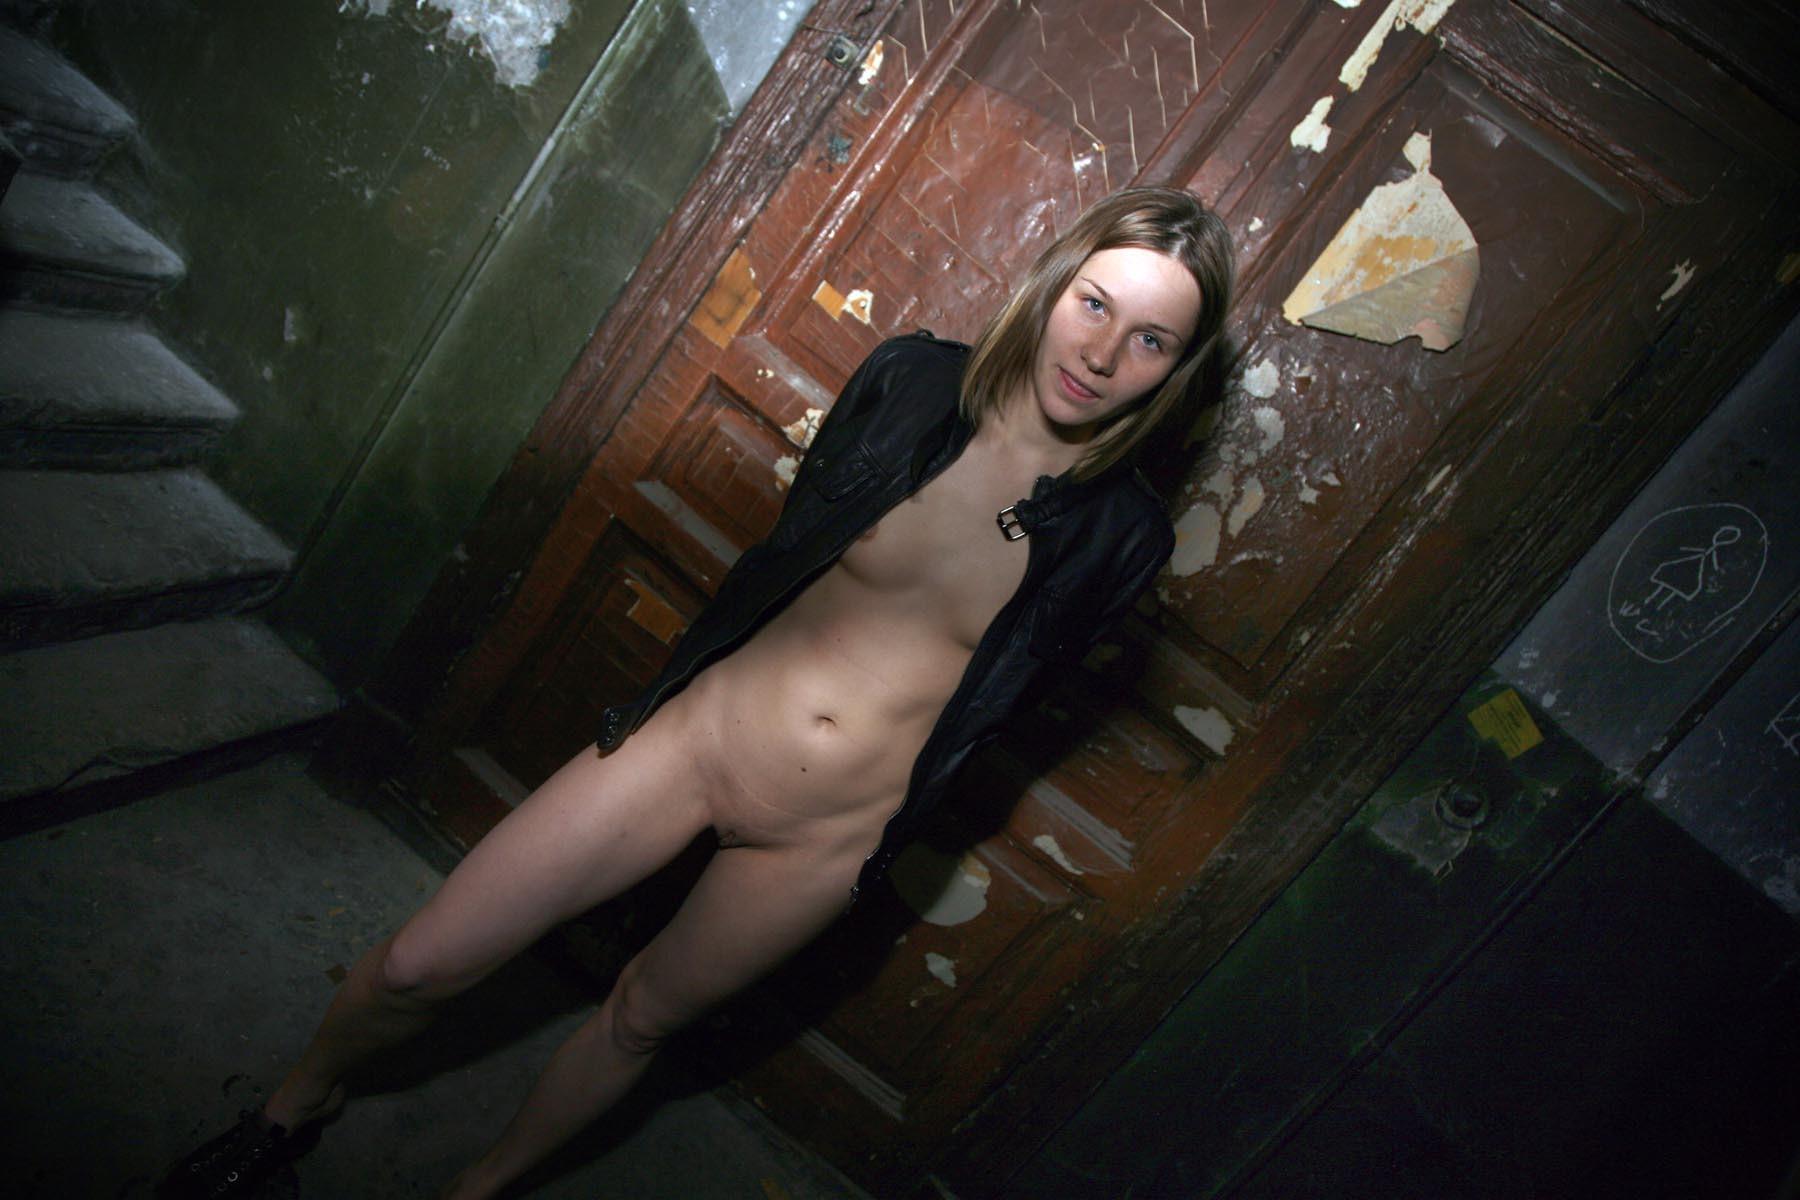 Фото голых девушек в подвале, В подвале с голой грудью -фото домашнее порно 11 фотография